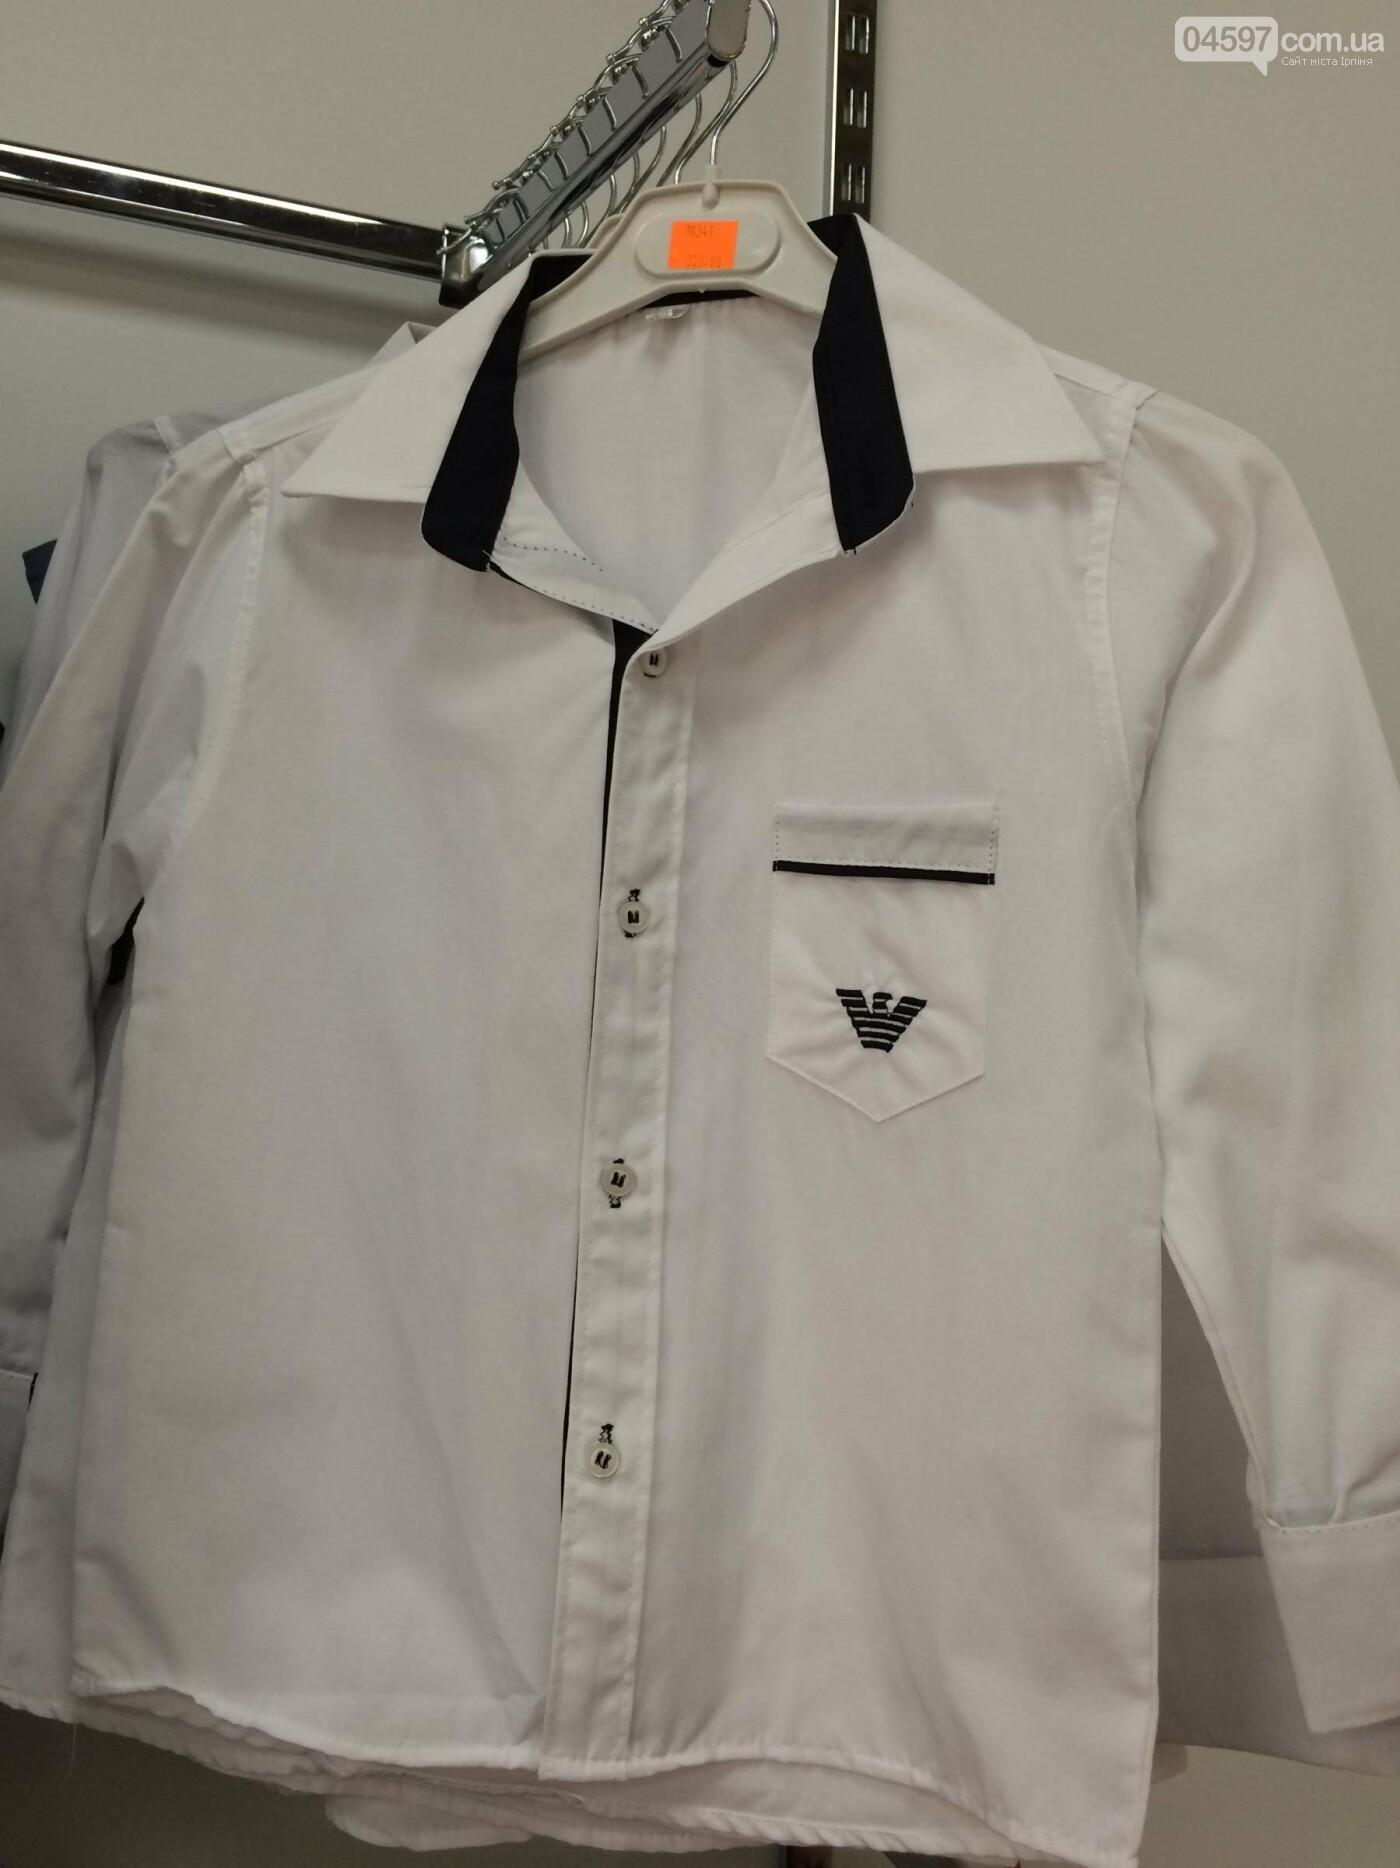 Де купити дитячий одяг в Ірпені: асортимент та ціни, фото-24